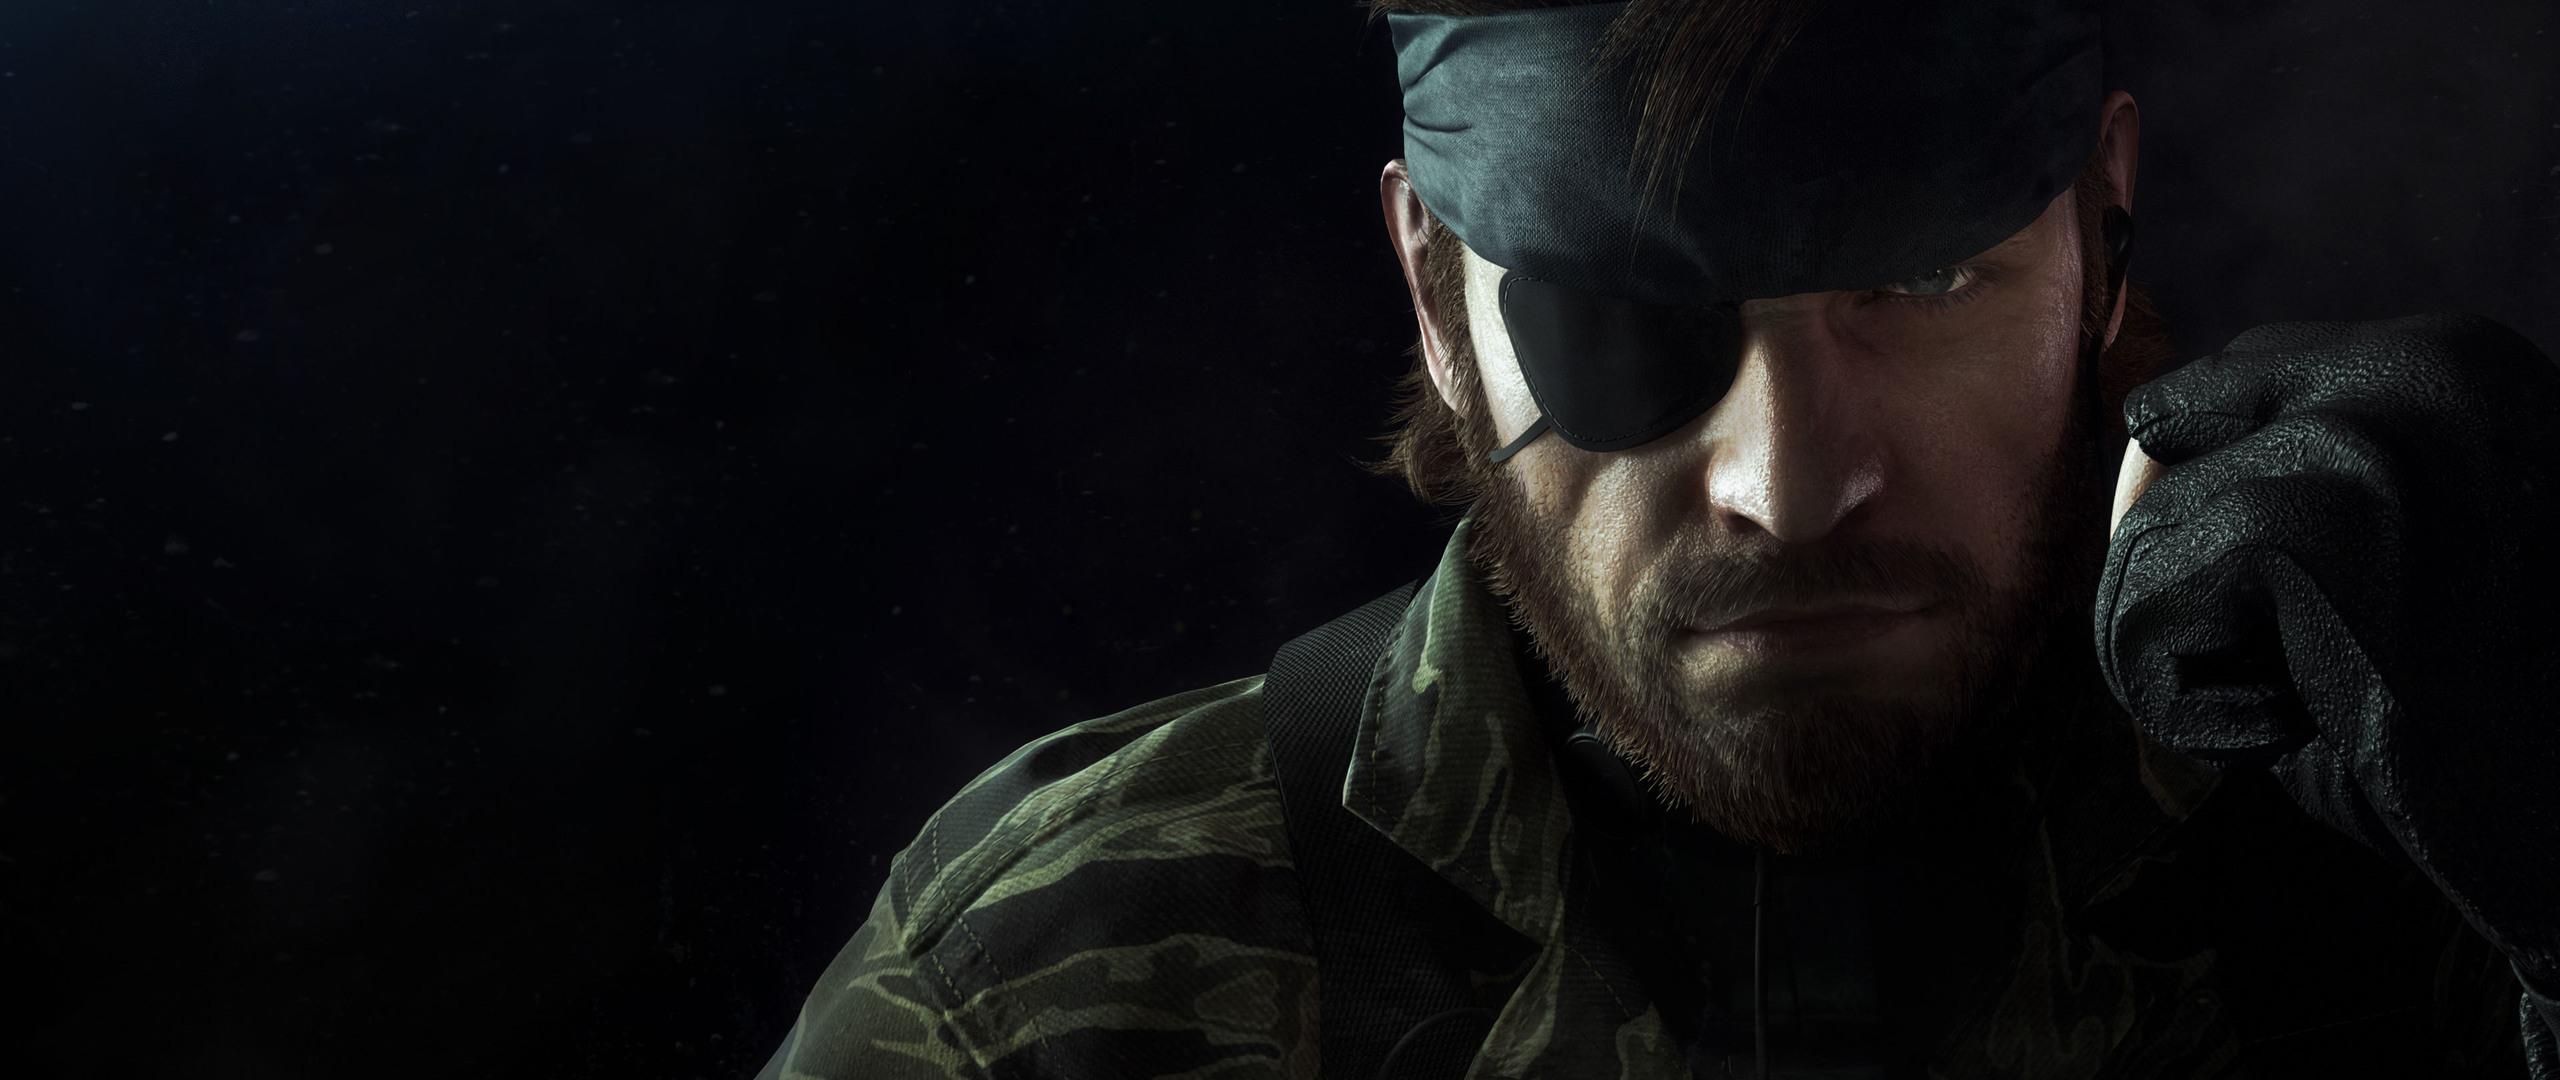 2560x1080 Metal Gear Solid 3 4k 2560x1080 Resolution Hd 4k